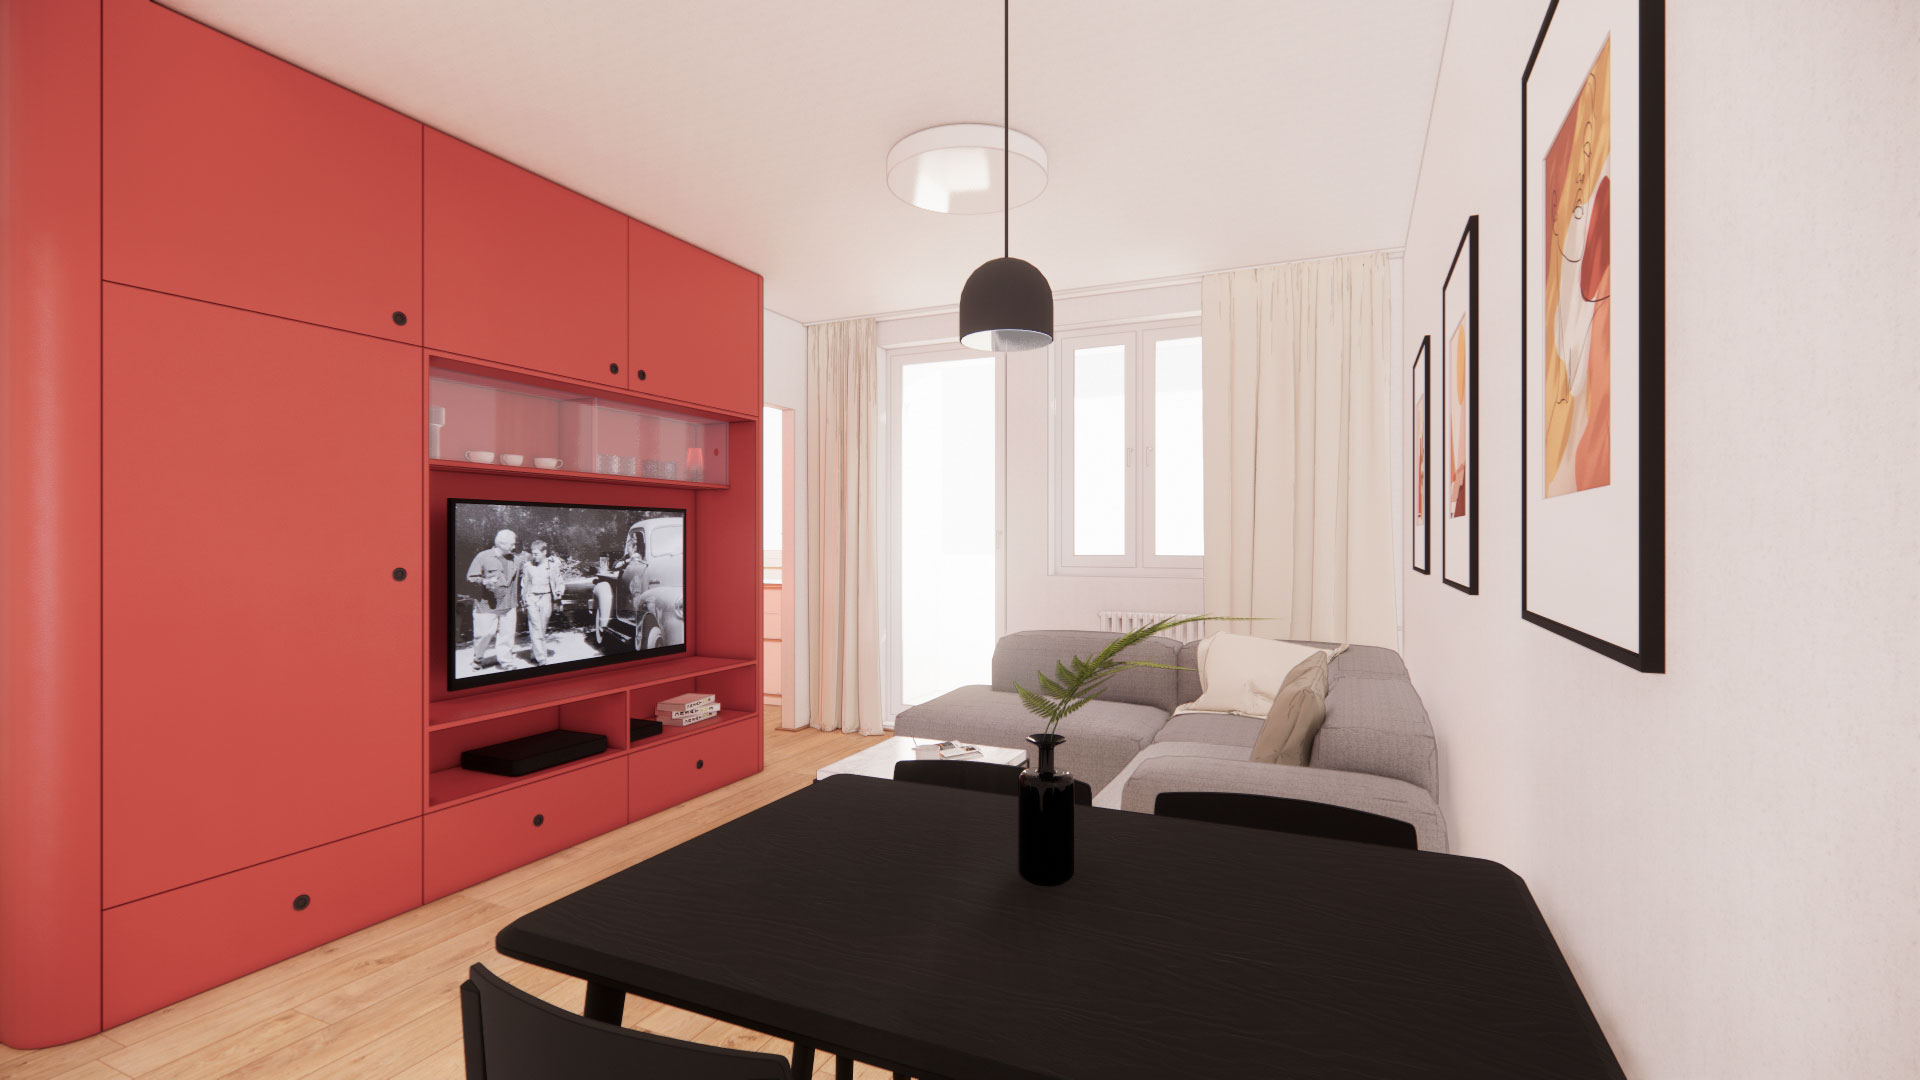 noiz-architekti-interier-byt-lotysska-09